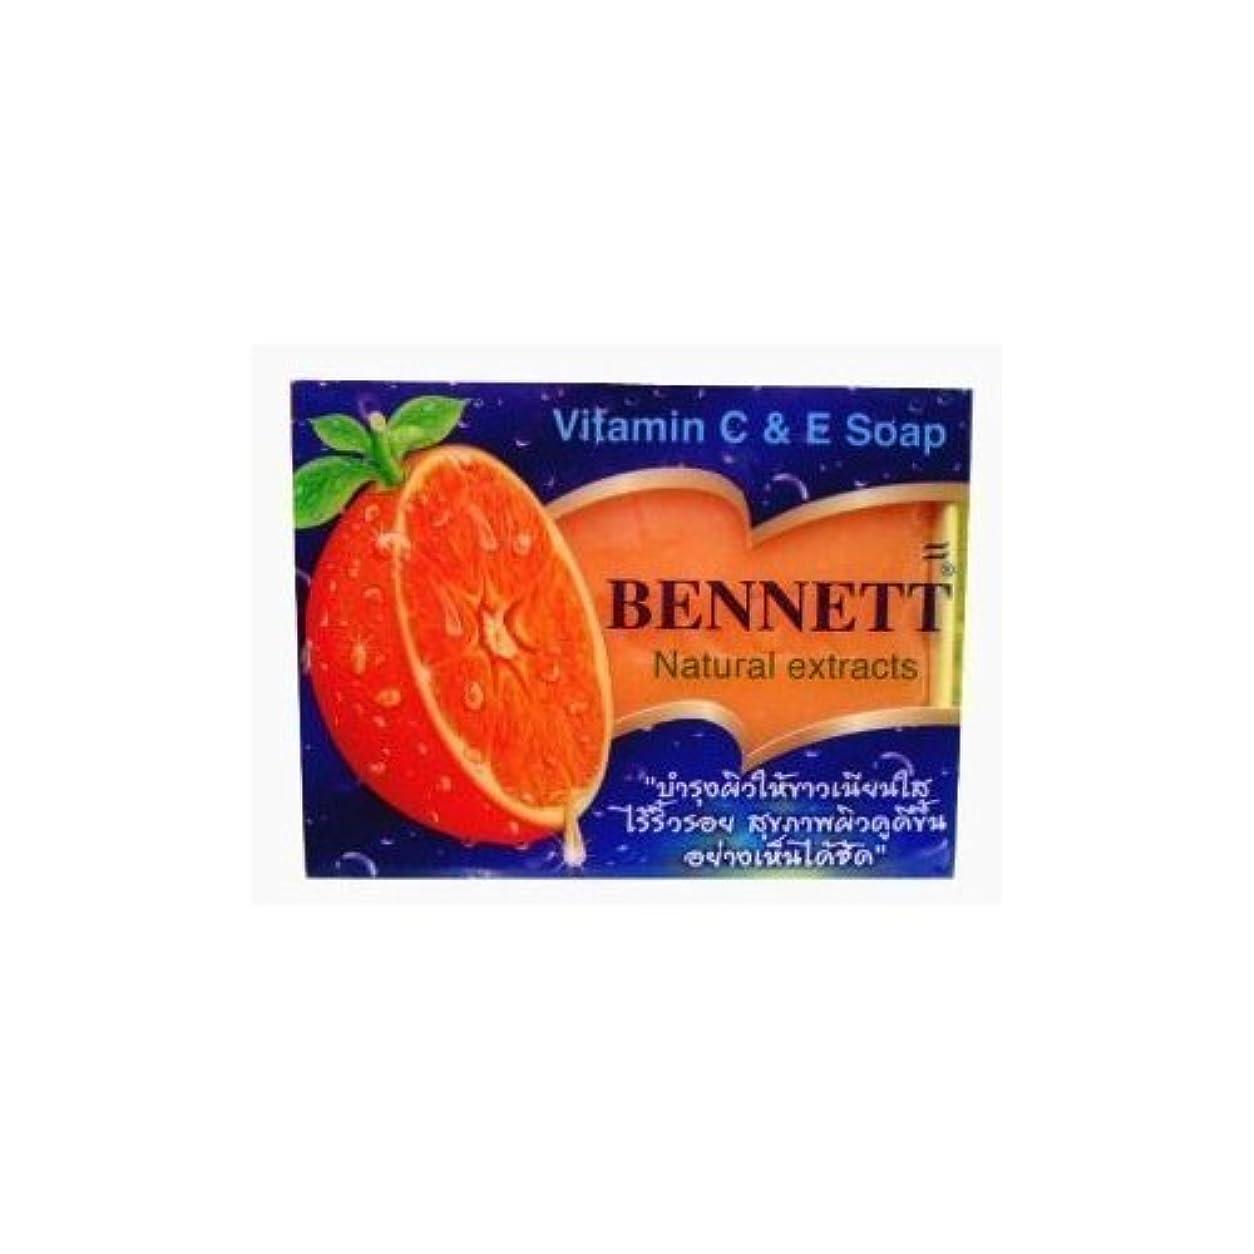 指紋年齢無許可High Vitamin Fruit Extract Body and Face Bar Spa Soap 4.59 0z, Enriched Vitamin C & E Skin Smooth & Anti Acne...